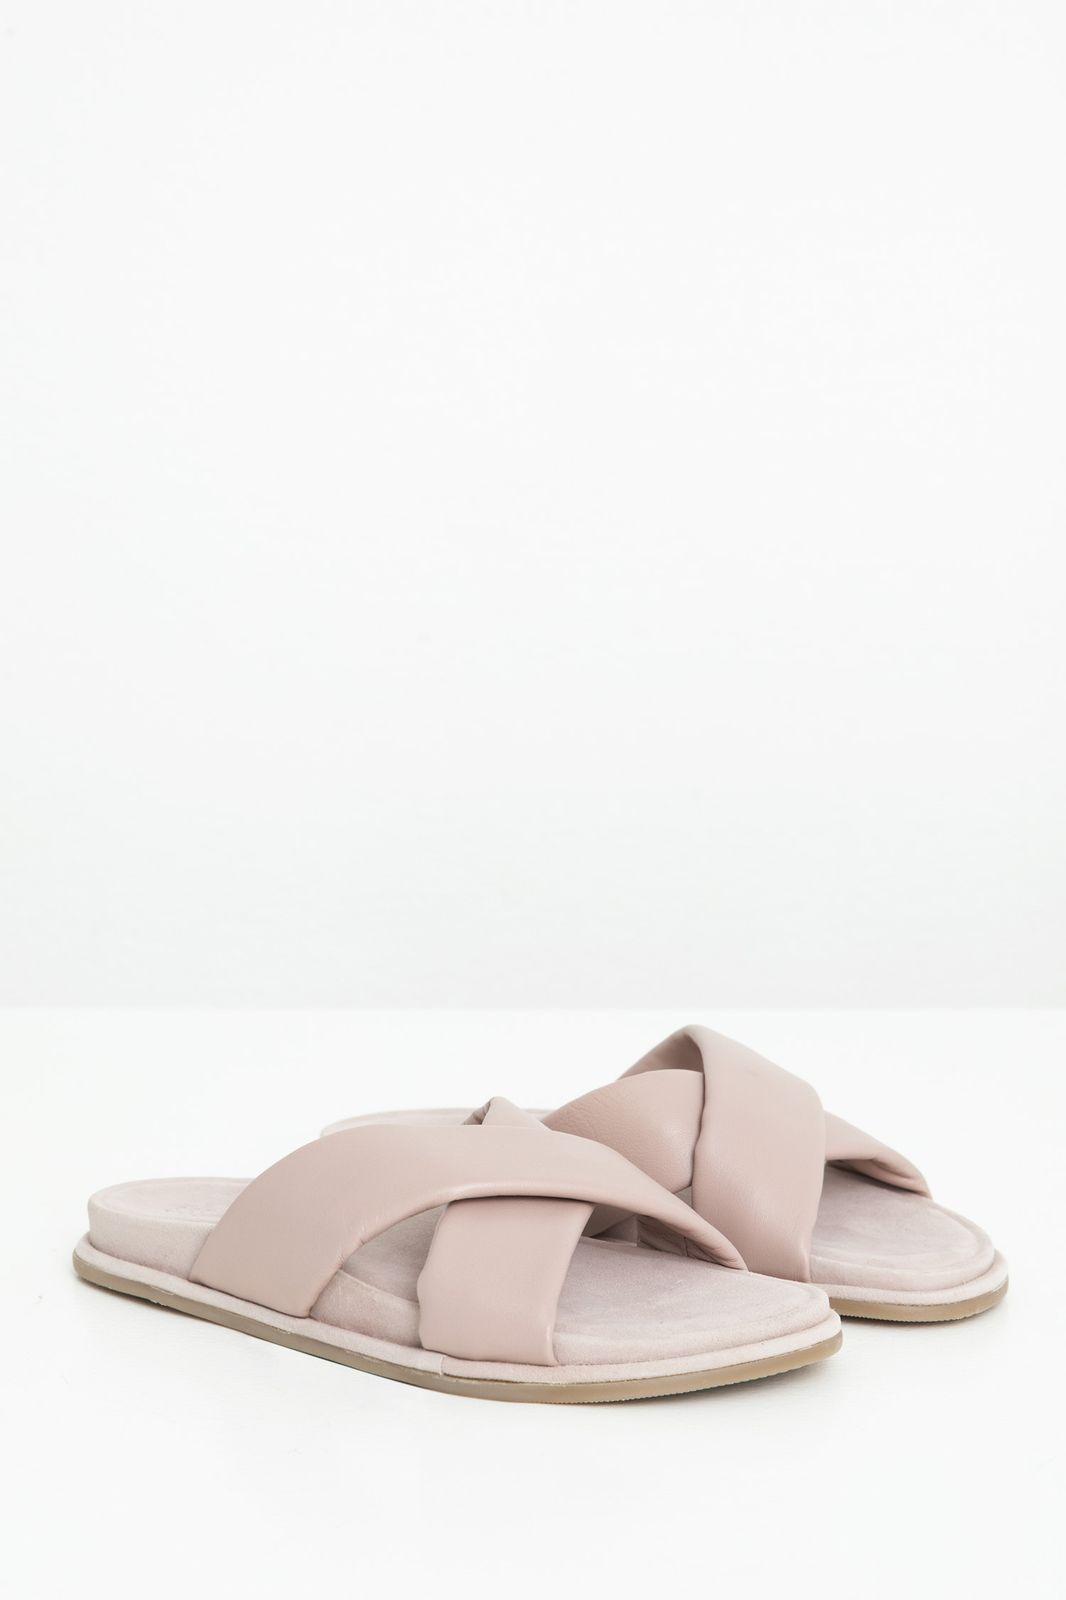 Lichtpaarse leren sandalen met kruisbanden - Dames | Sissy-Boy